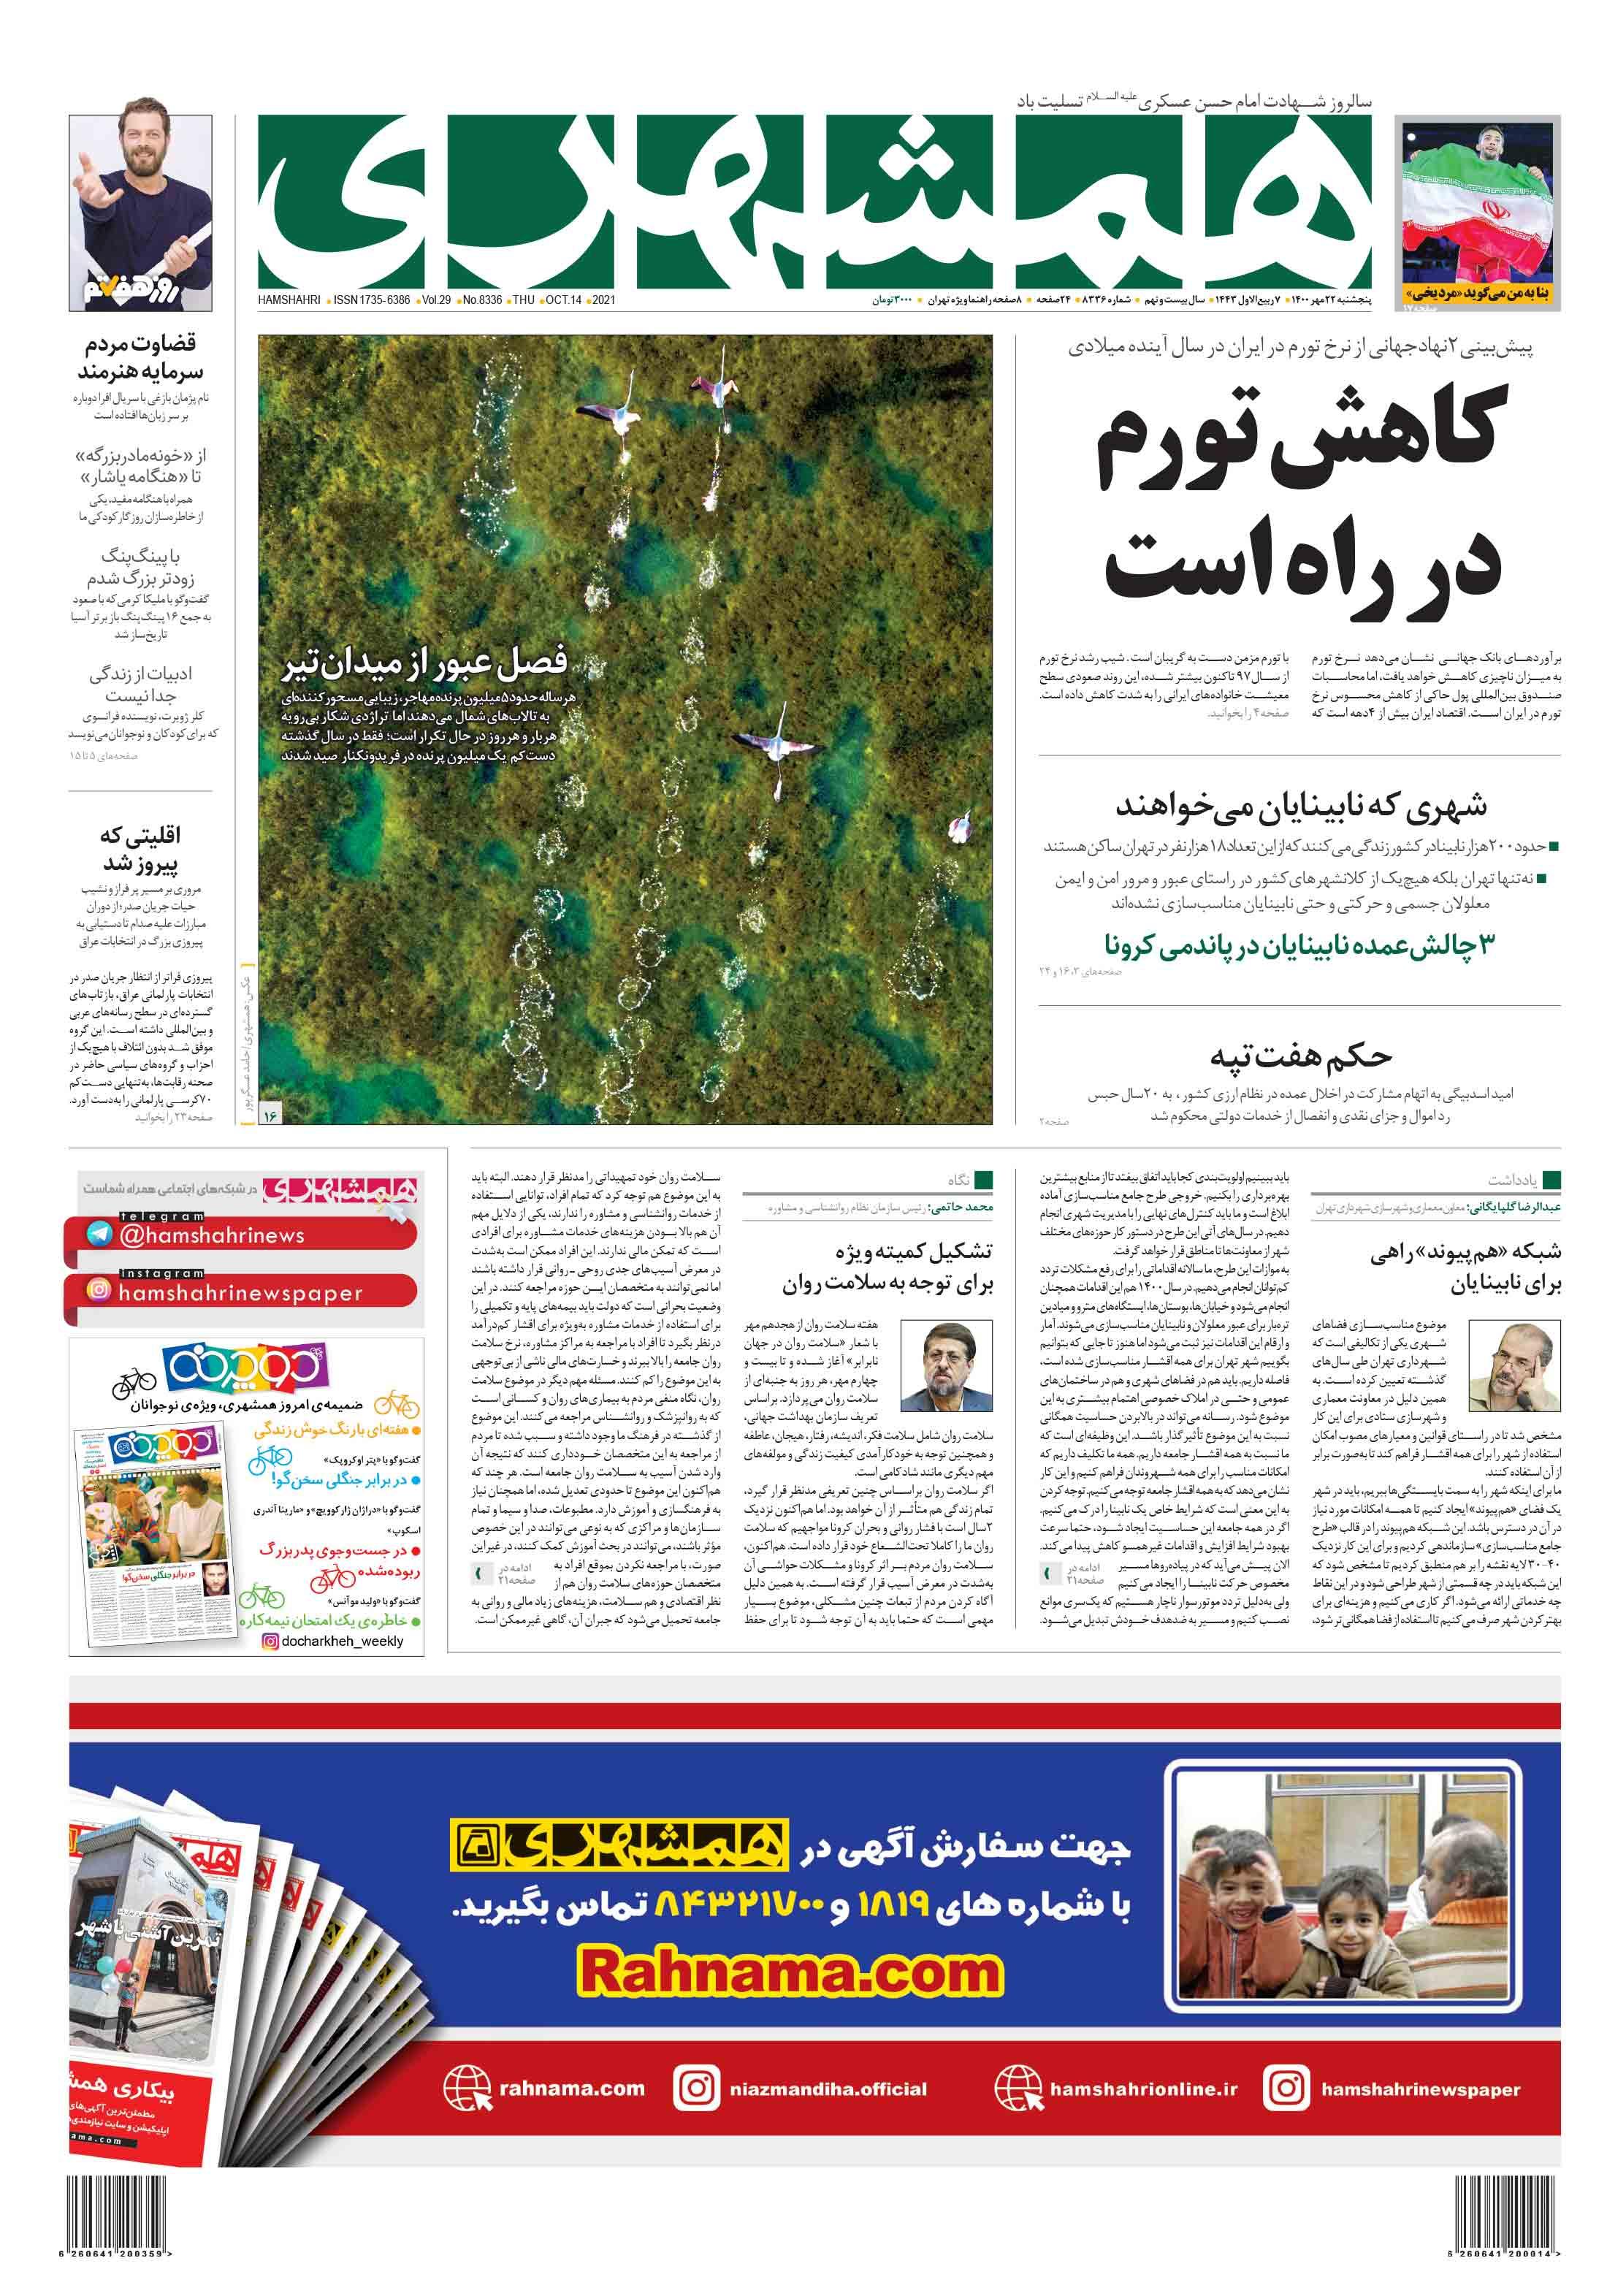 صفحه اول پنجشنبه 22 مهر 1400